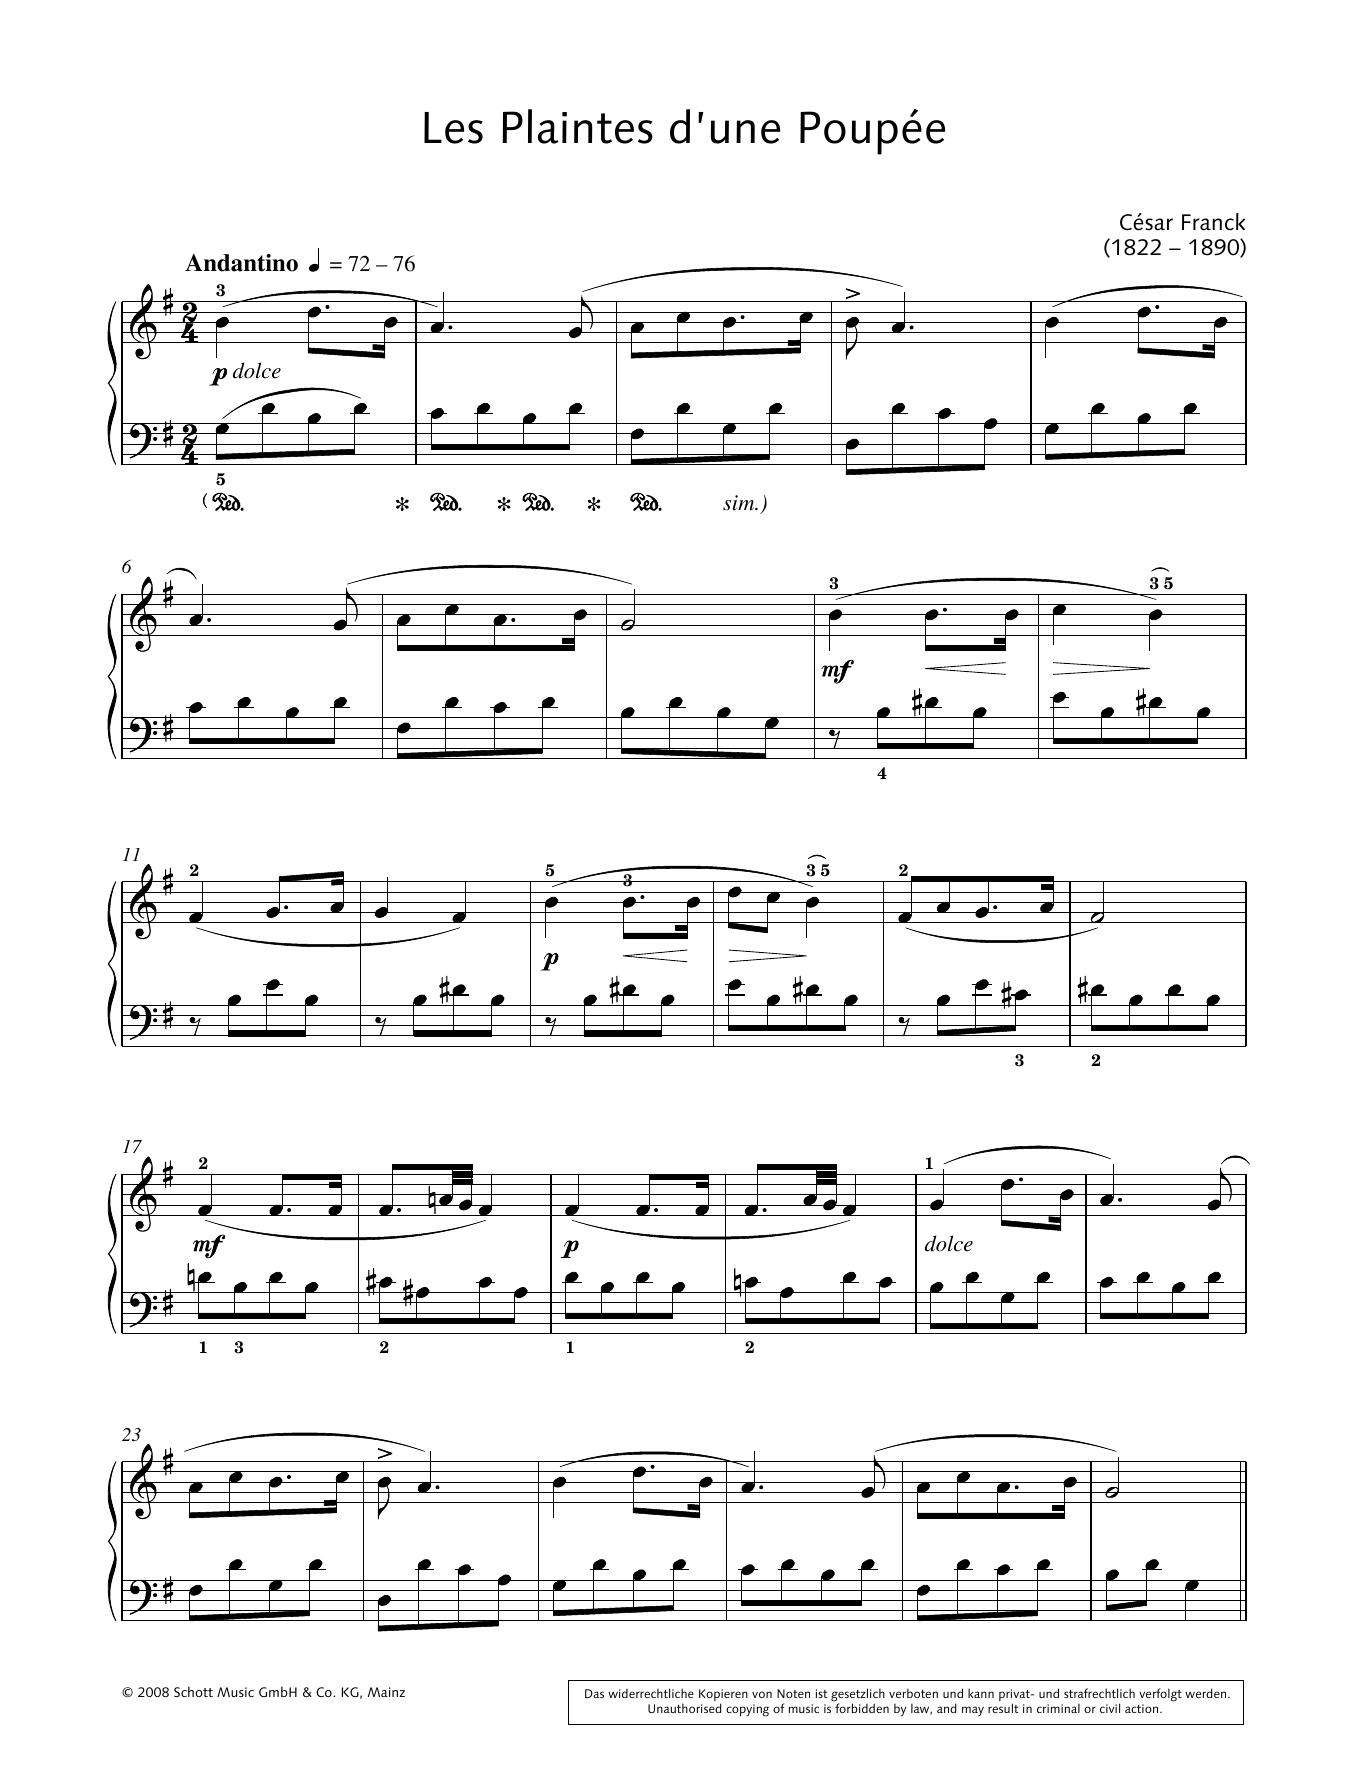 Les Plaintes d'une Poupée Sheet Music